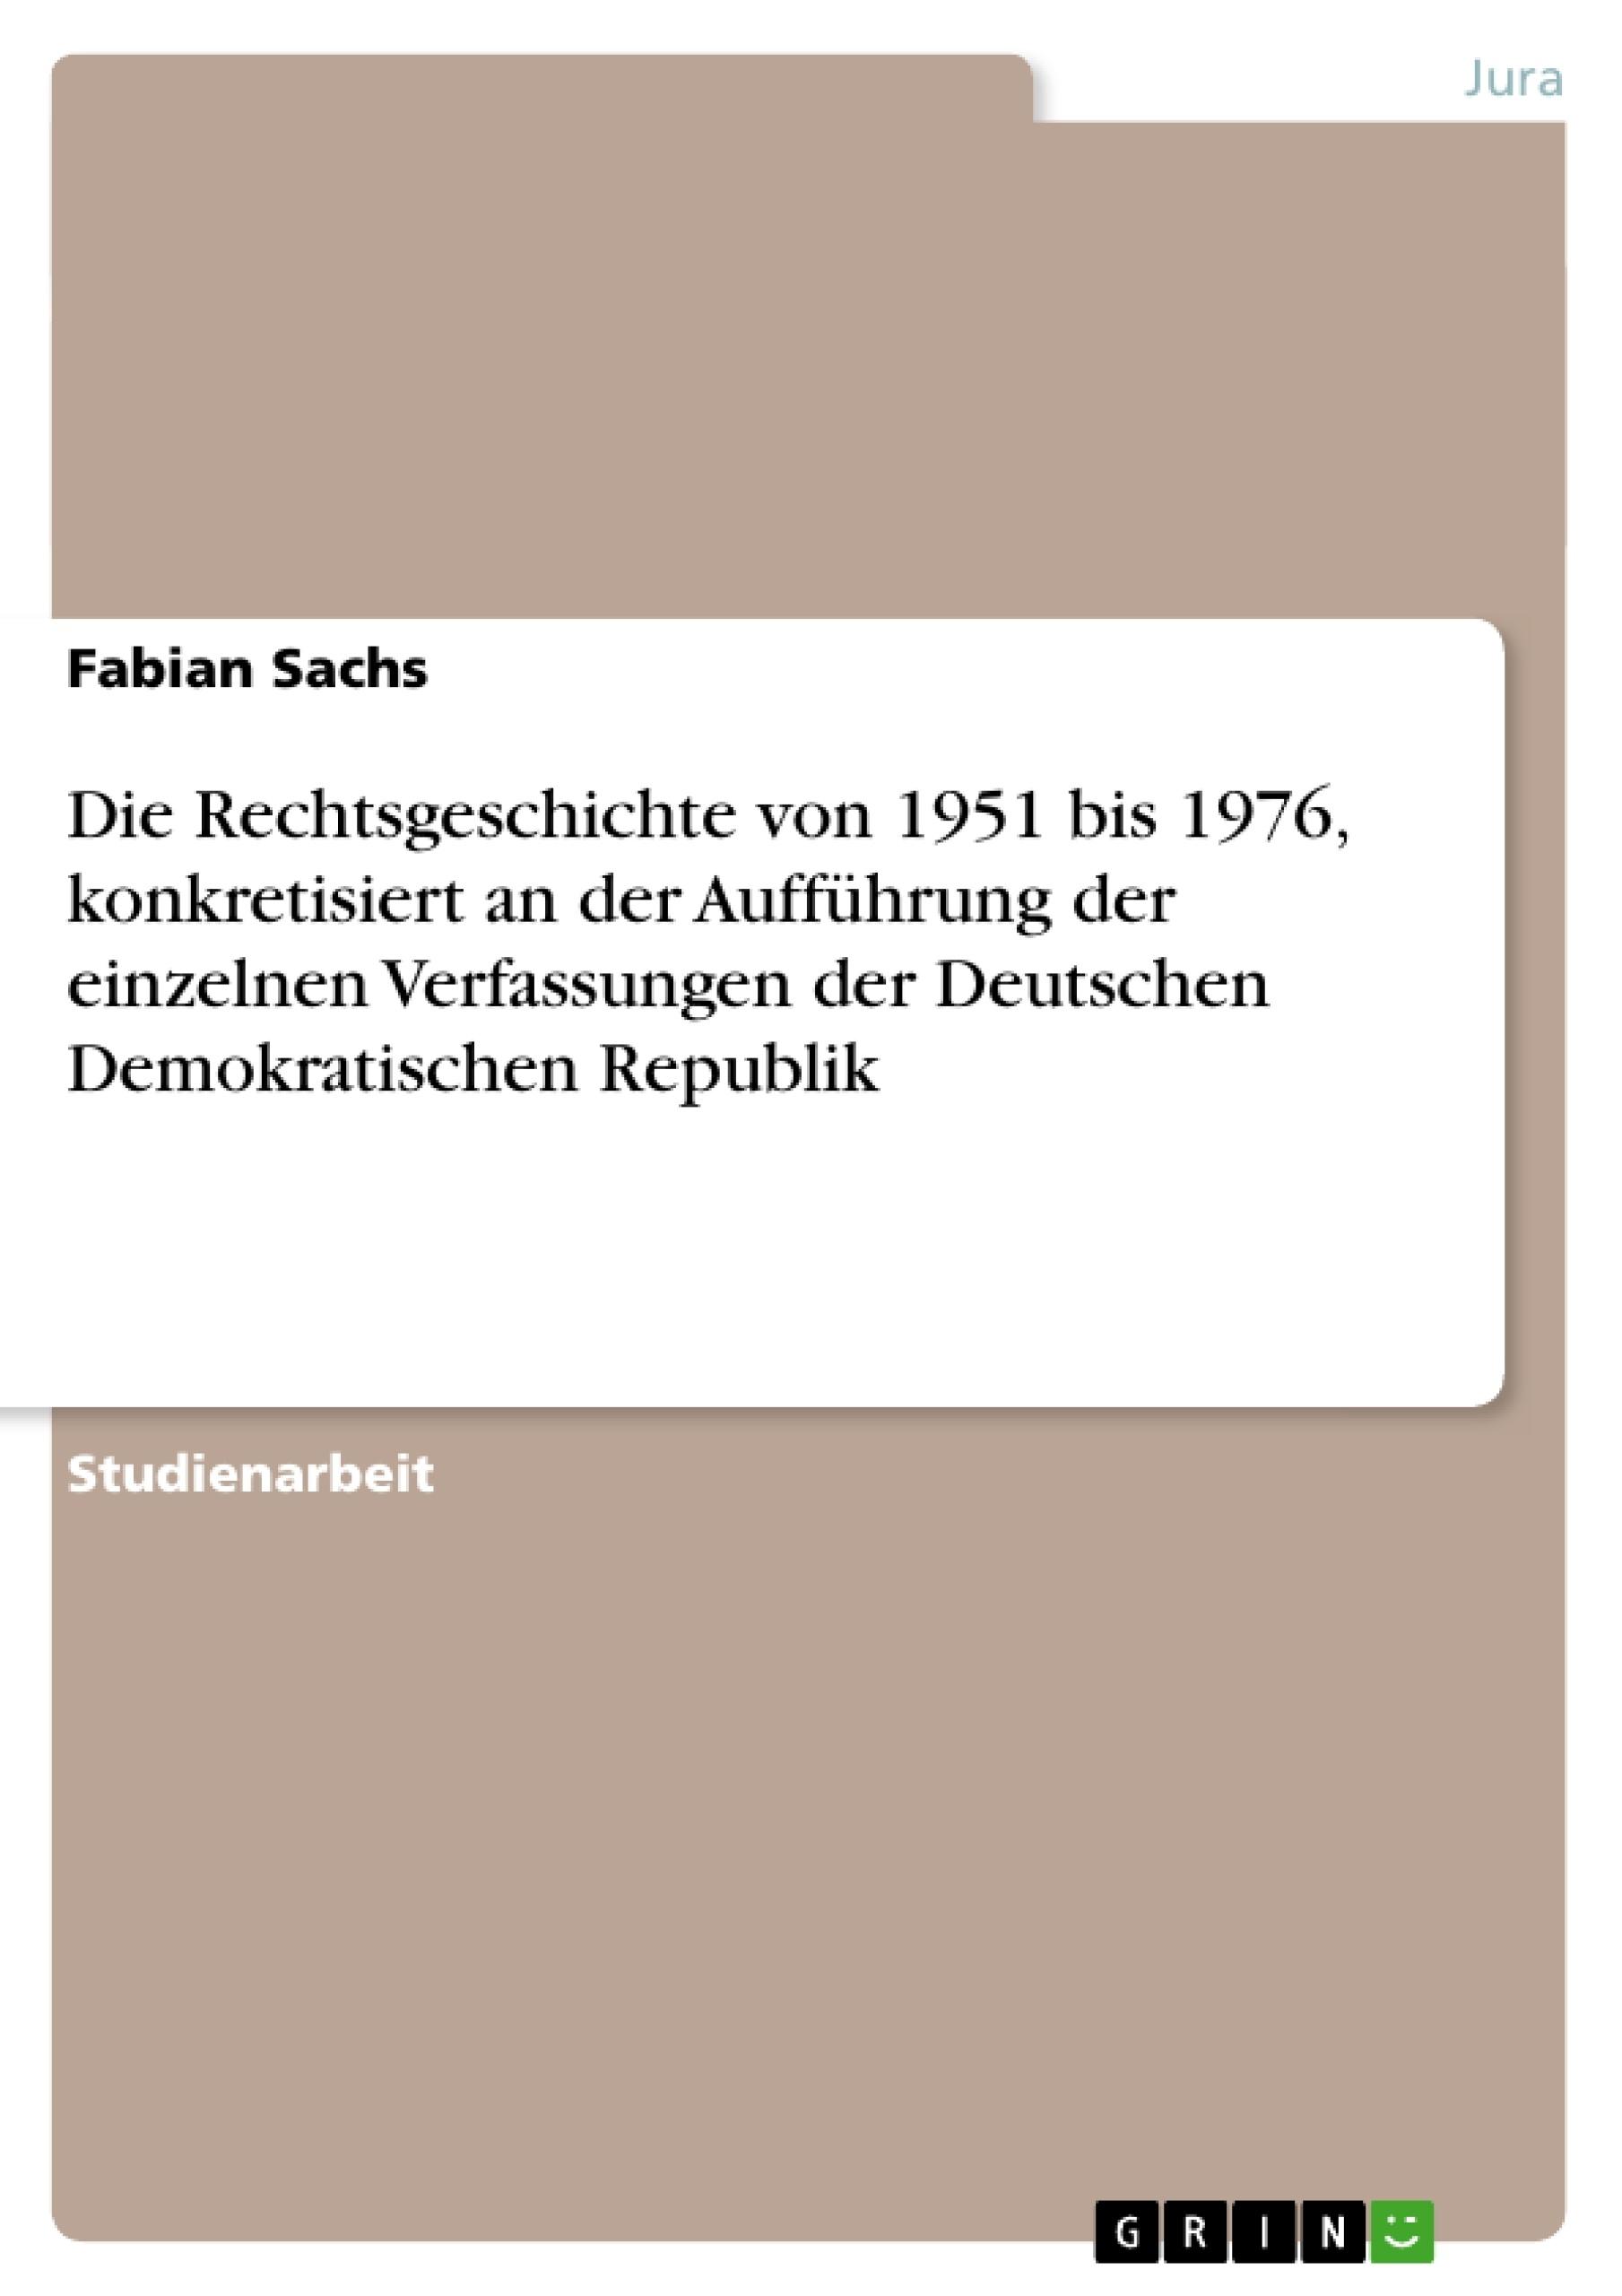 Titel: Die Rechtsgeschichte von 1951 bis 1976, konkretisiert an der Aufführung der einzelnen Verfassungen der Deutschen Demokratischen Republik